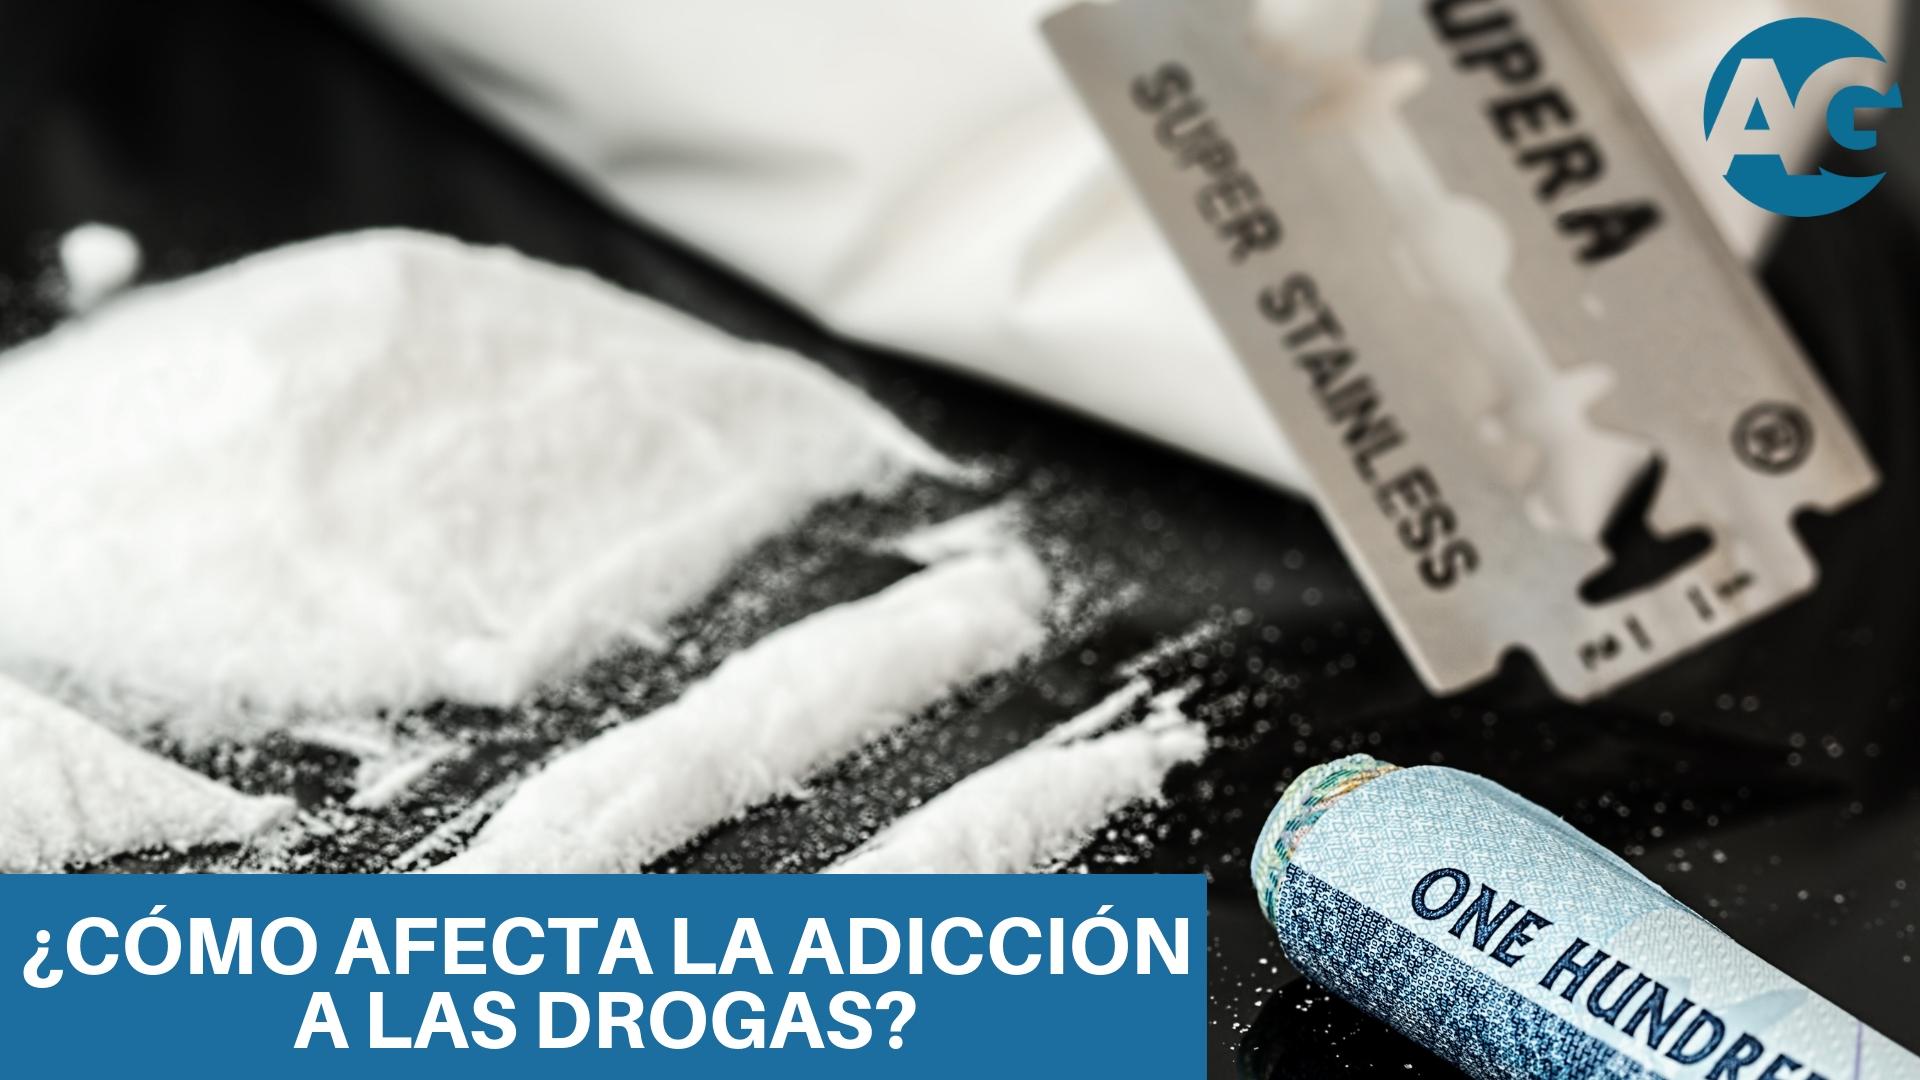 ¿Las drogas afectan psicológicamente?